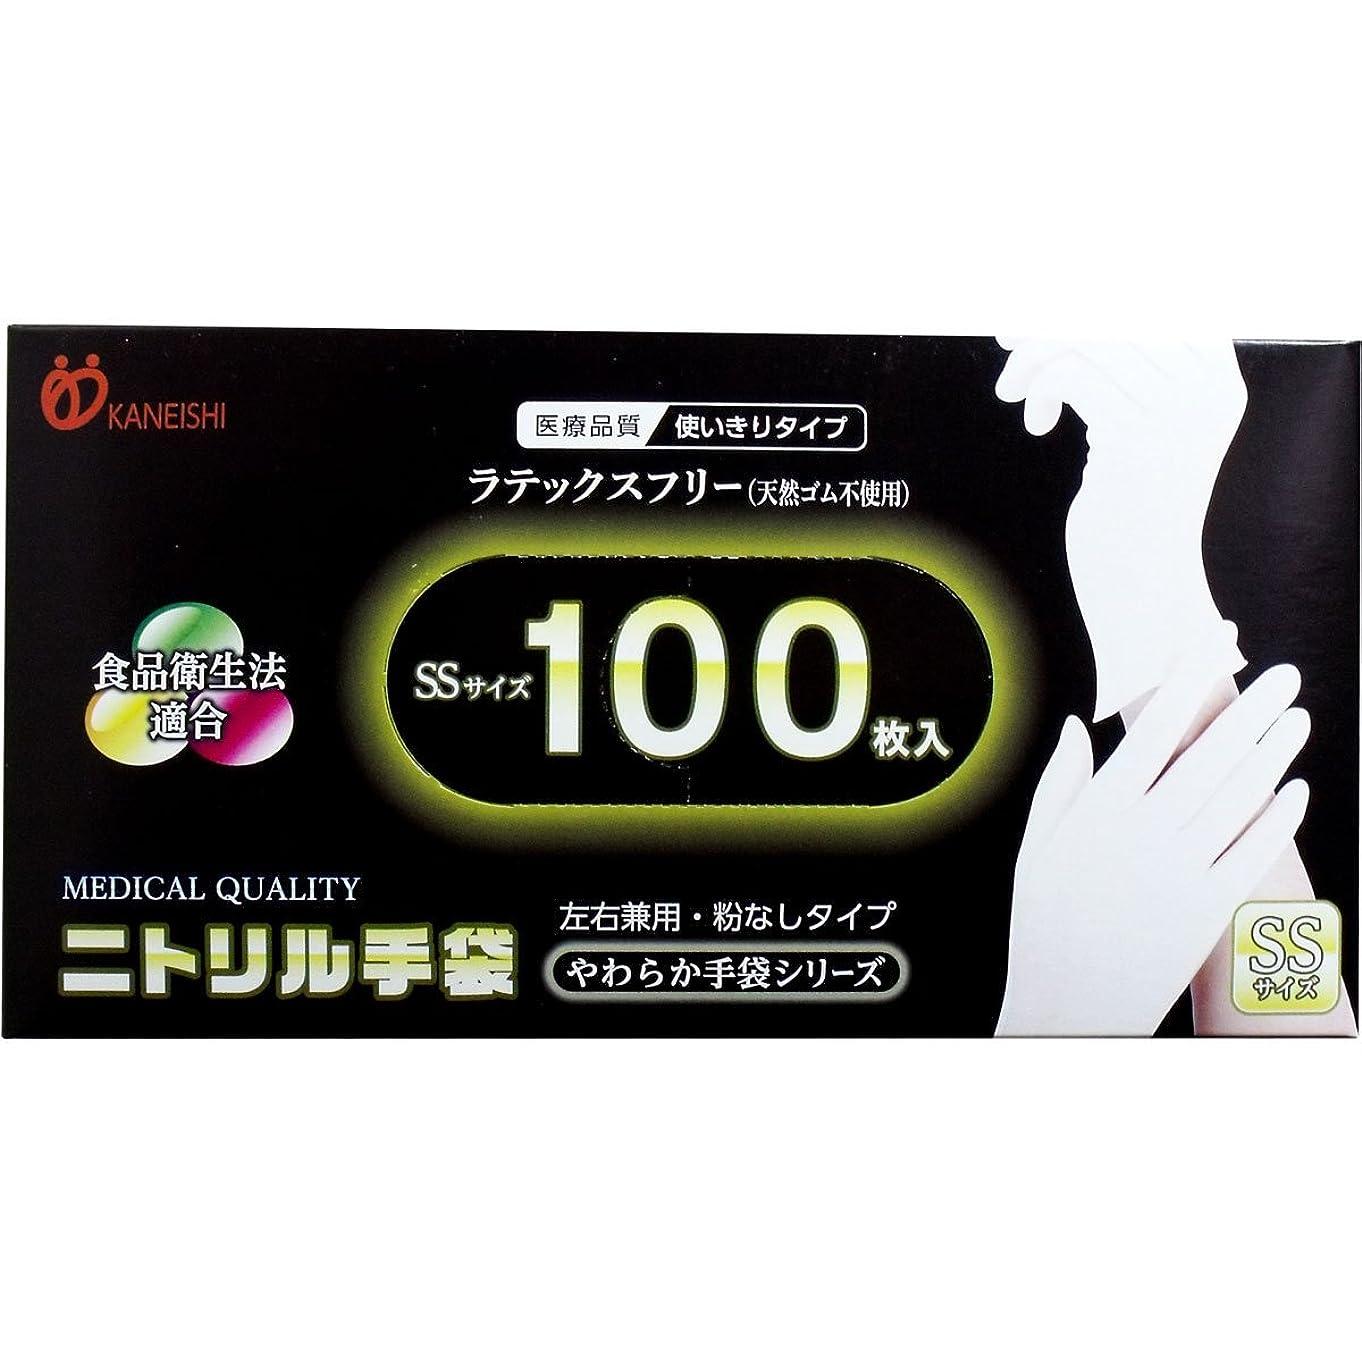 ネックレスうがい仮定する天然ゴム 手袋 指先の感覚を大切に 衛生的 やわらかニトリル手袋 パウダーフリー 100枚入 SSサイズ【5個セット】